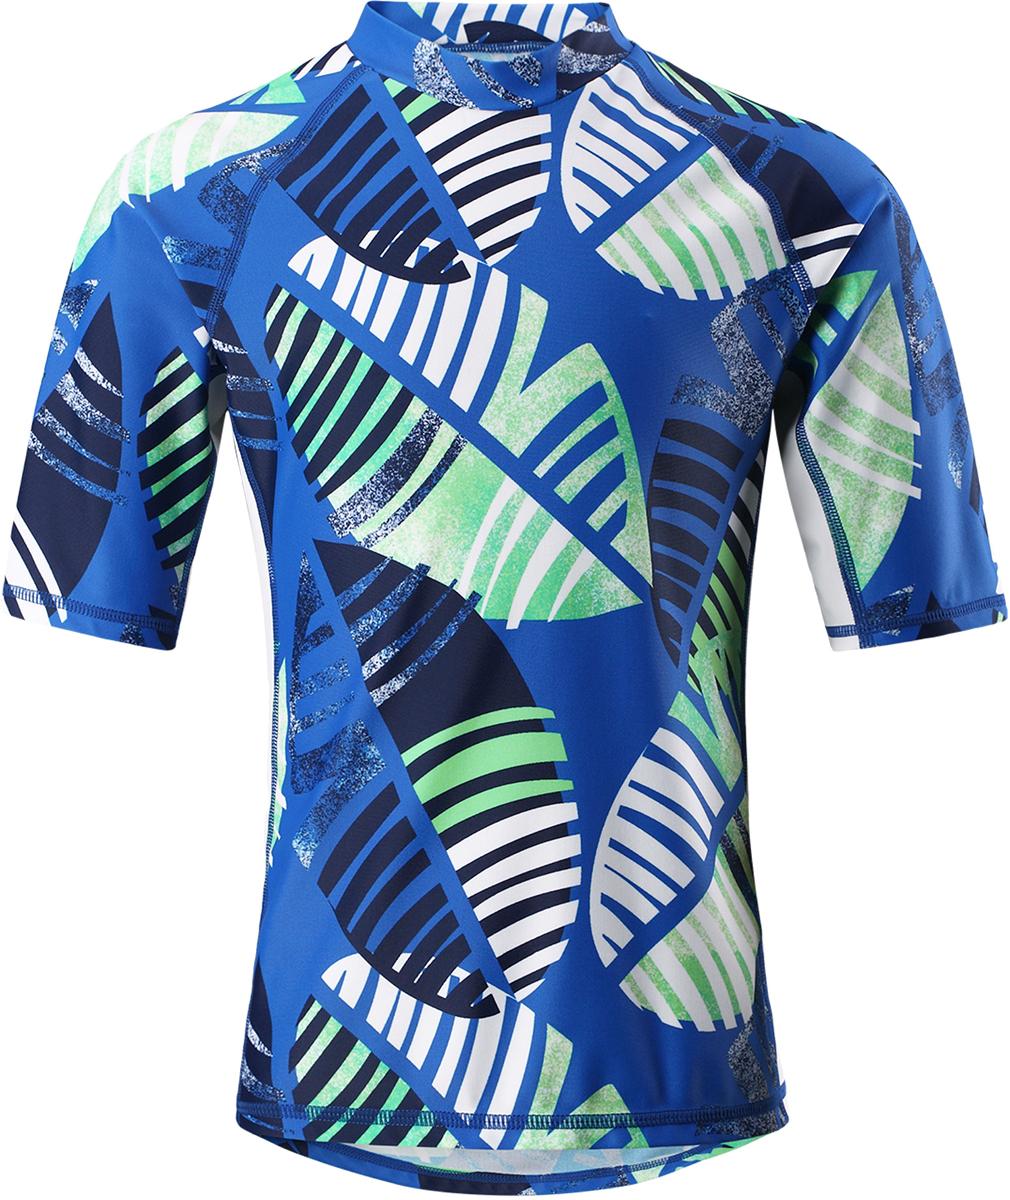 Футболка для плавания детская Reima Fiji, цвет: синий, зеленый. 5362686641. Размер 1345362686641